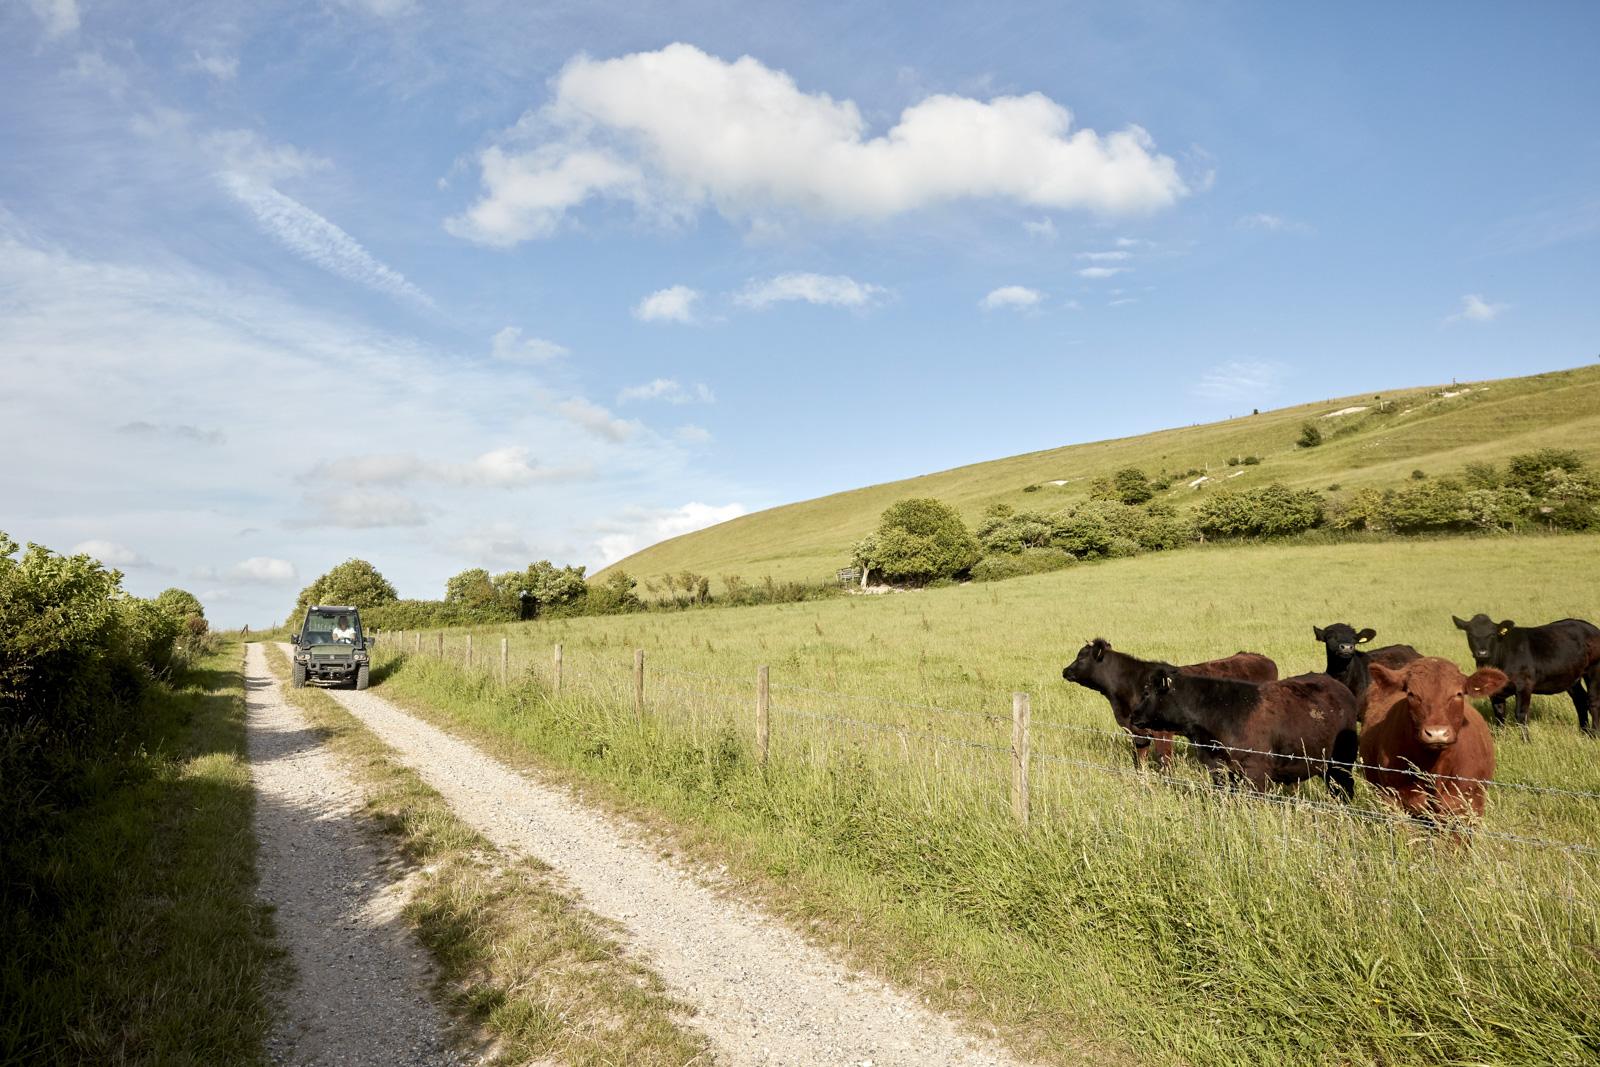 WW_LAWN_FARM_COWS_008.jpg